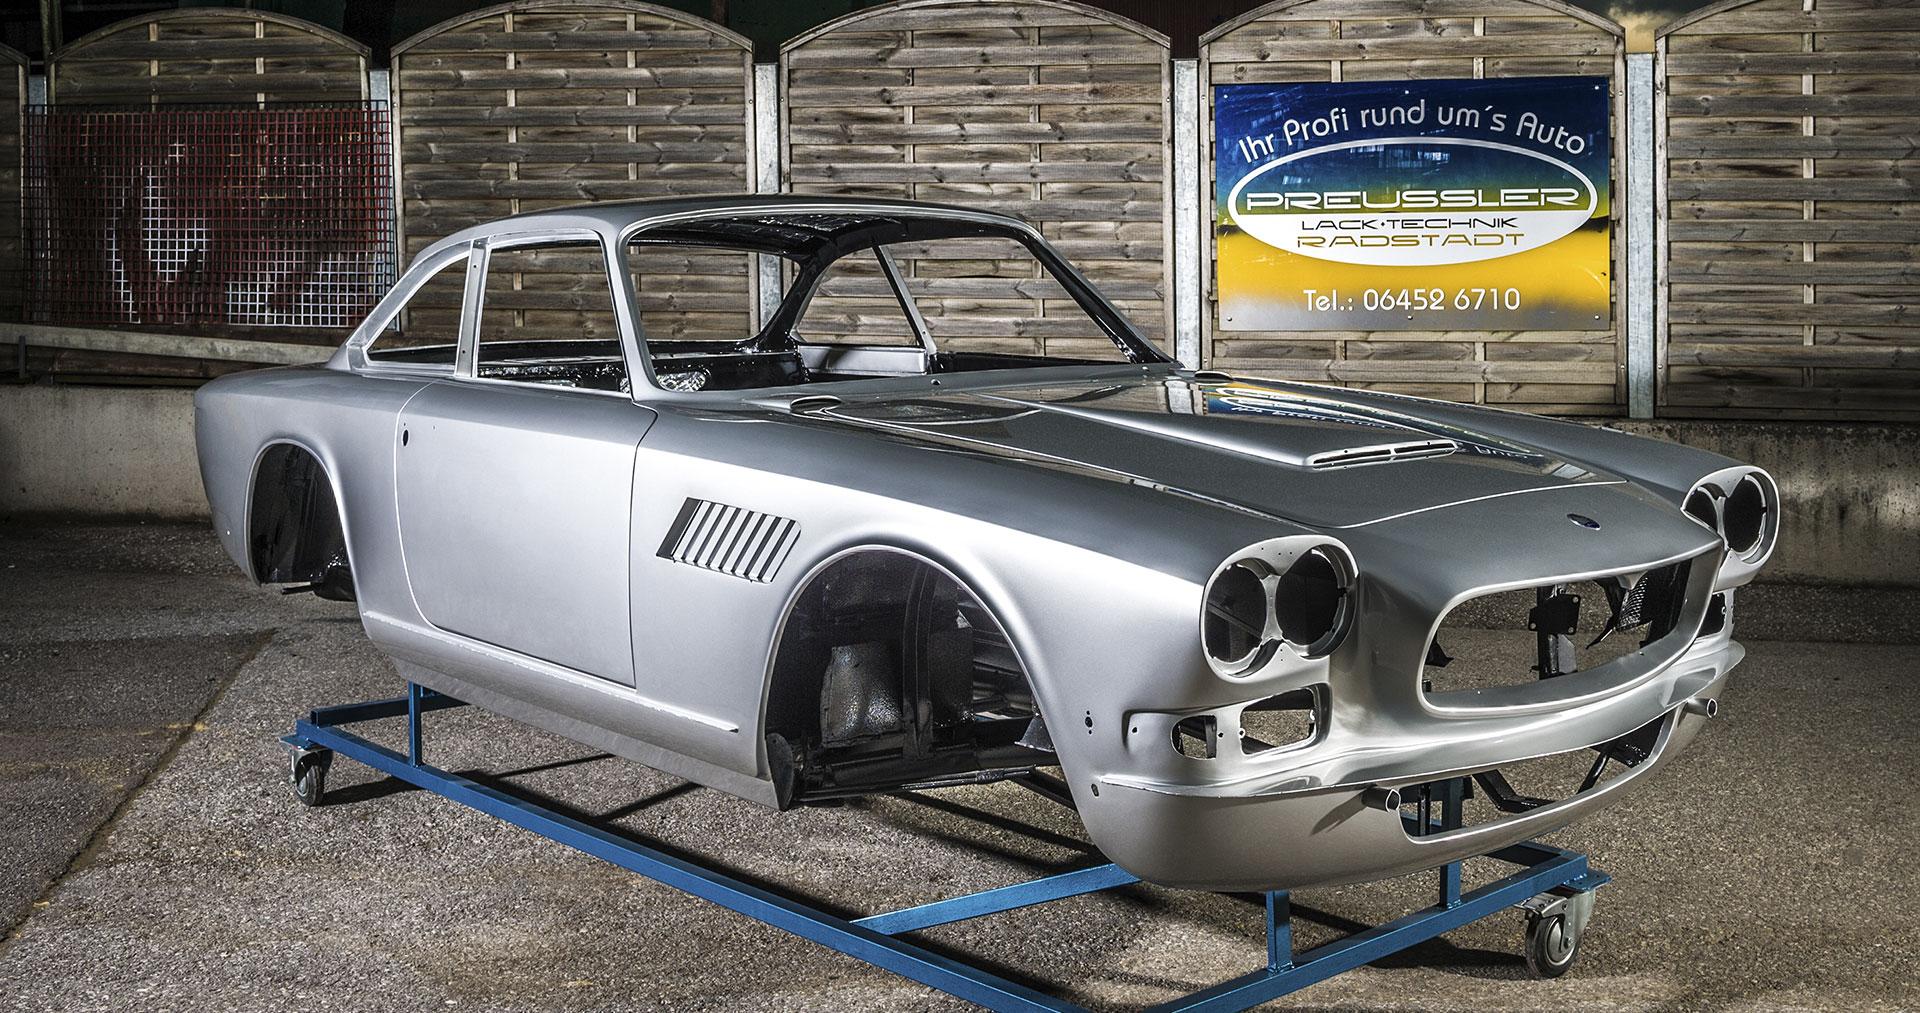 Maserati Sebring Series II, Oldtimer-Restauration im Kfz-Fachbetrieb Preussler in Radstadt, Österreich